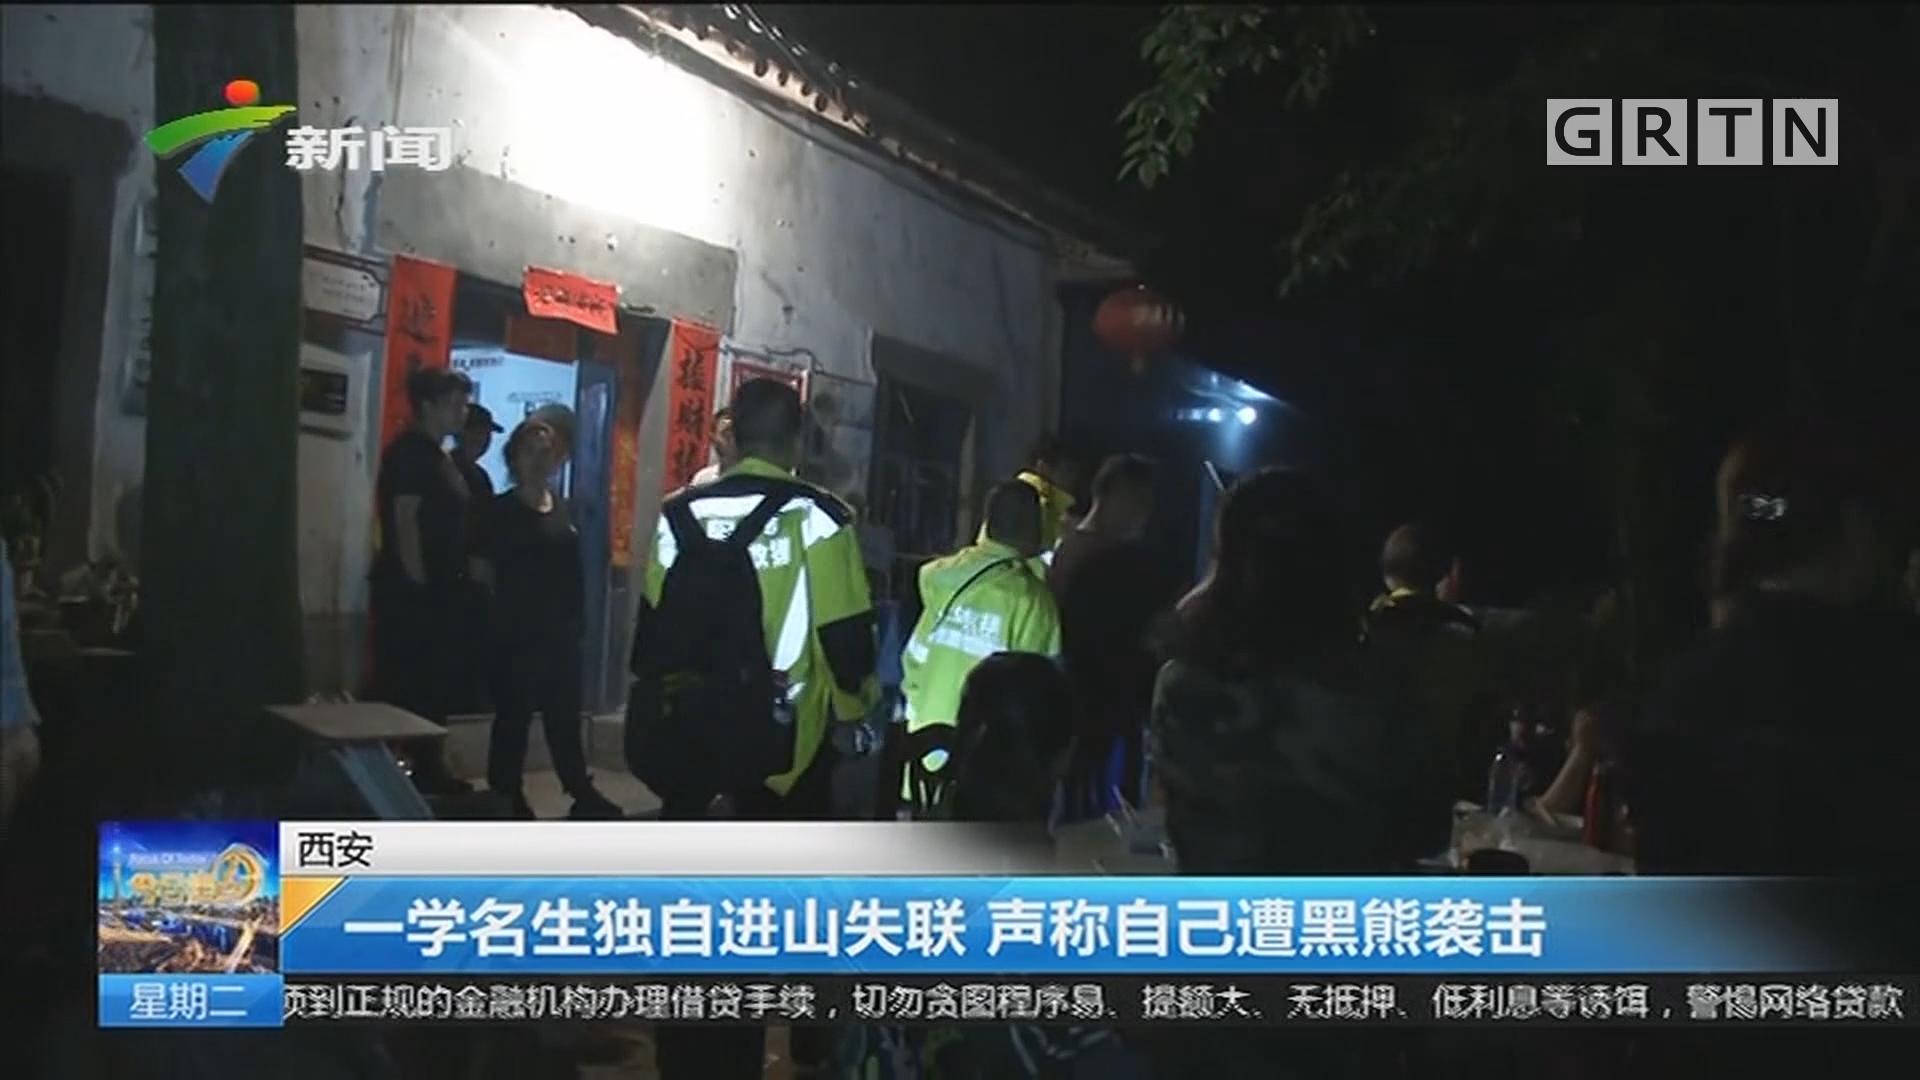 西安:一名学生独自进山失联 声称自己遭黑熊袭击